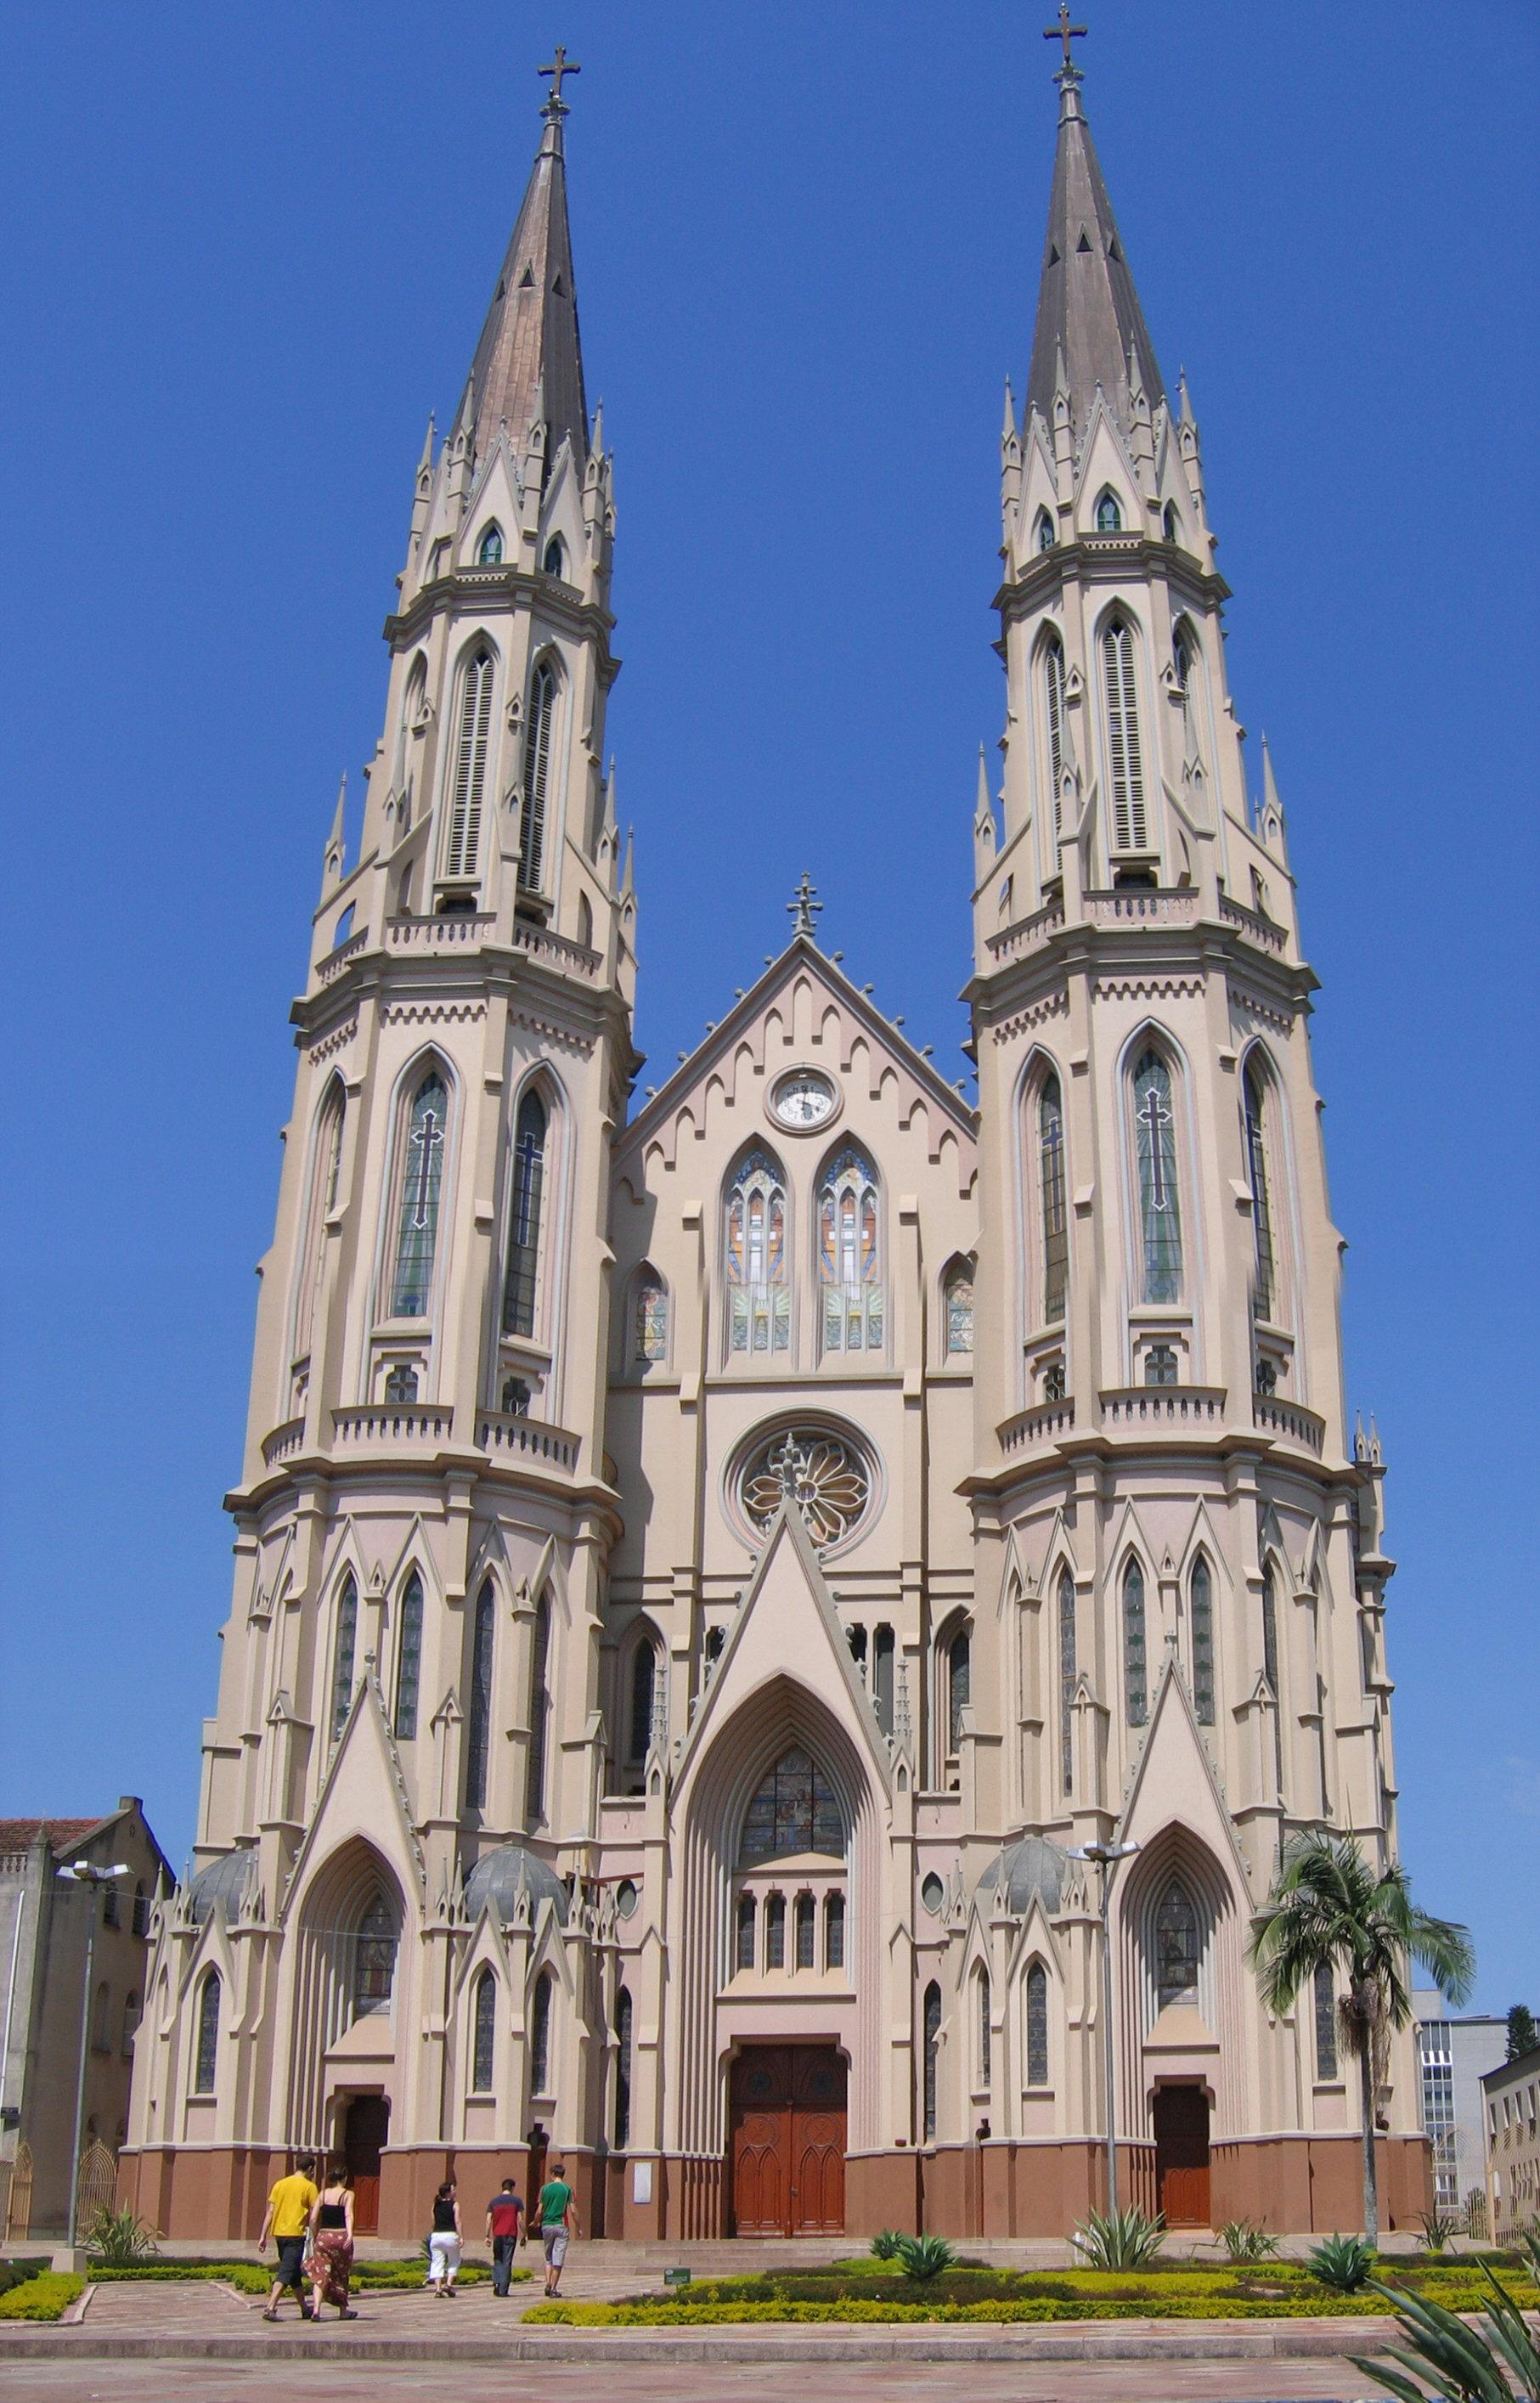 Santa cruz do sul for A mobilia santa cruz do sul